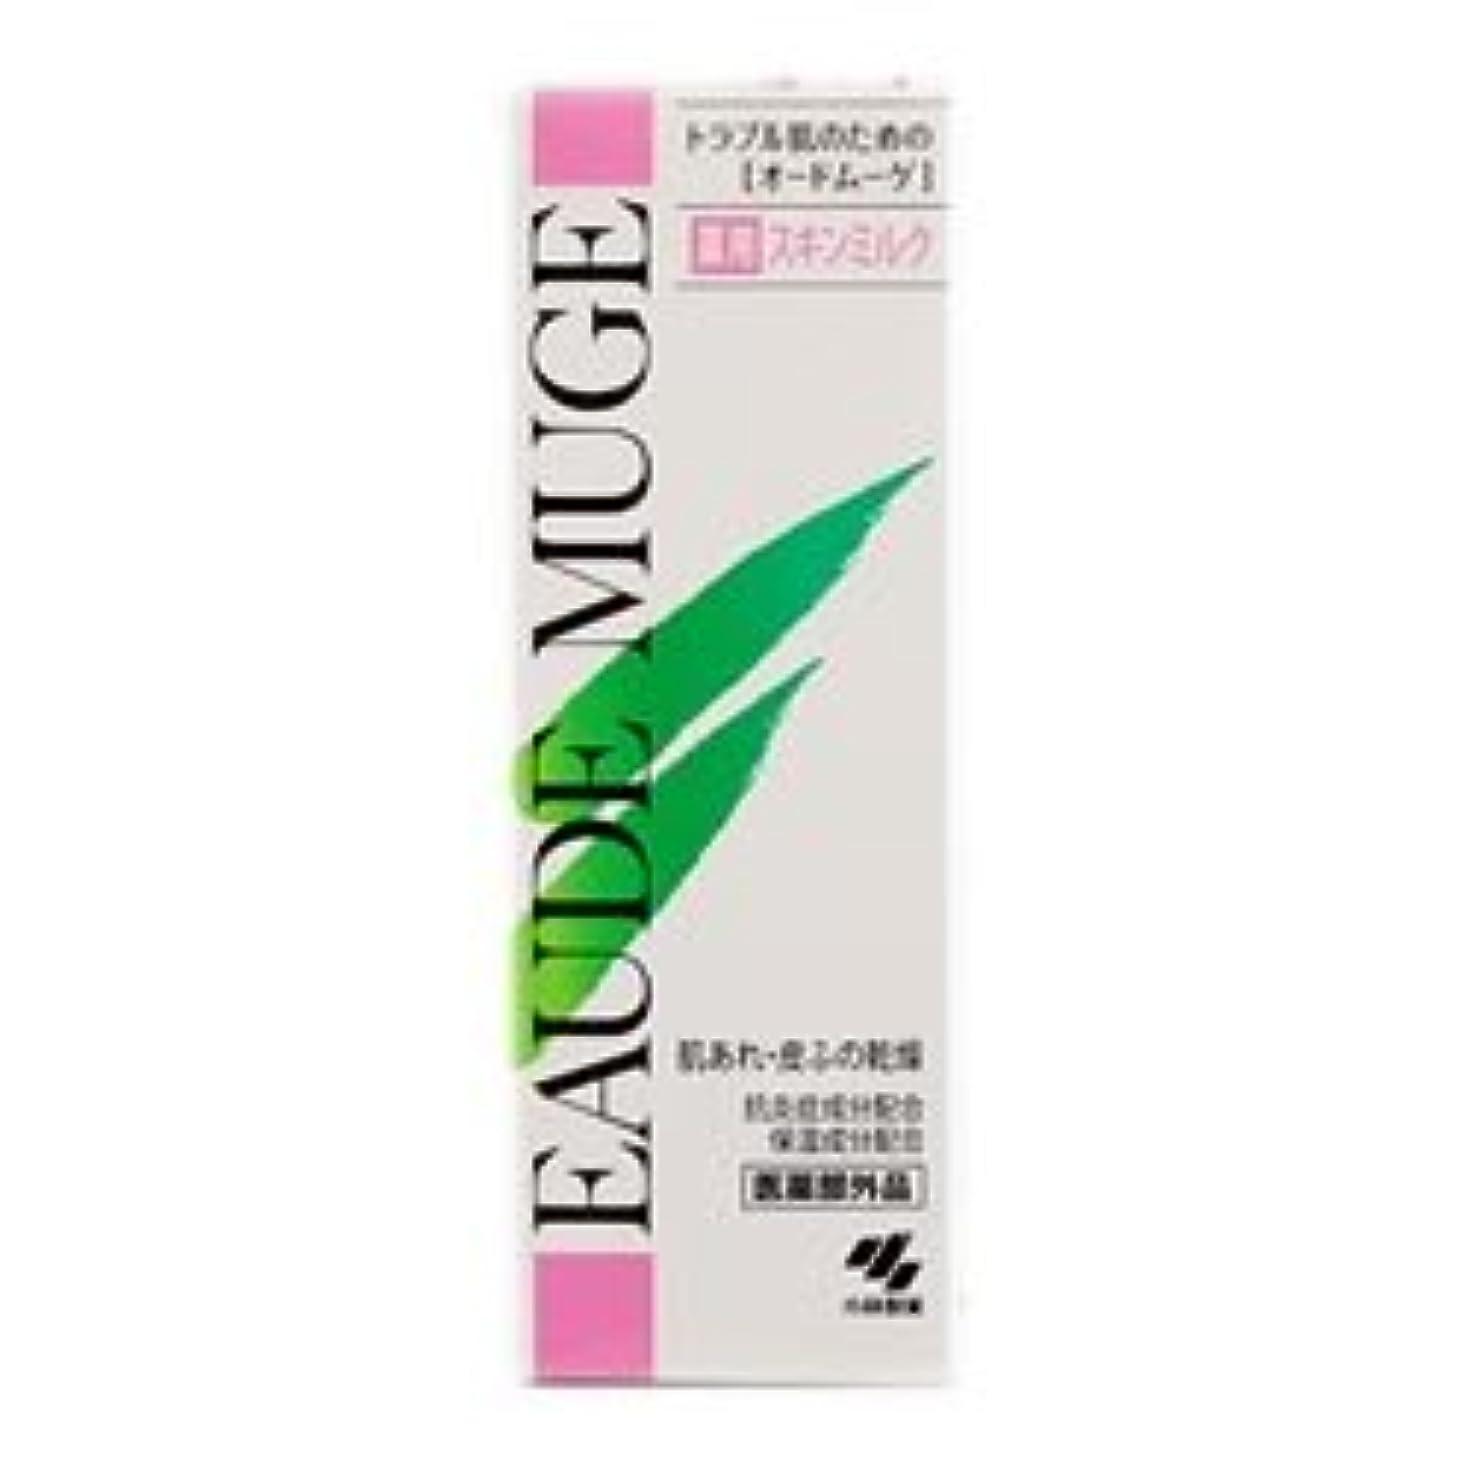 カッター因子告白する【小林製薬】オードムーゲ薬用スキンミルク 100g ×3個セット